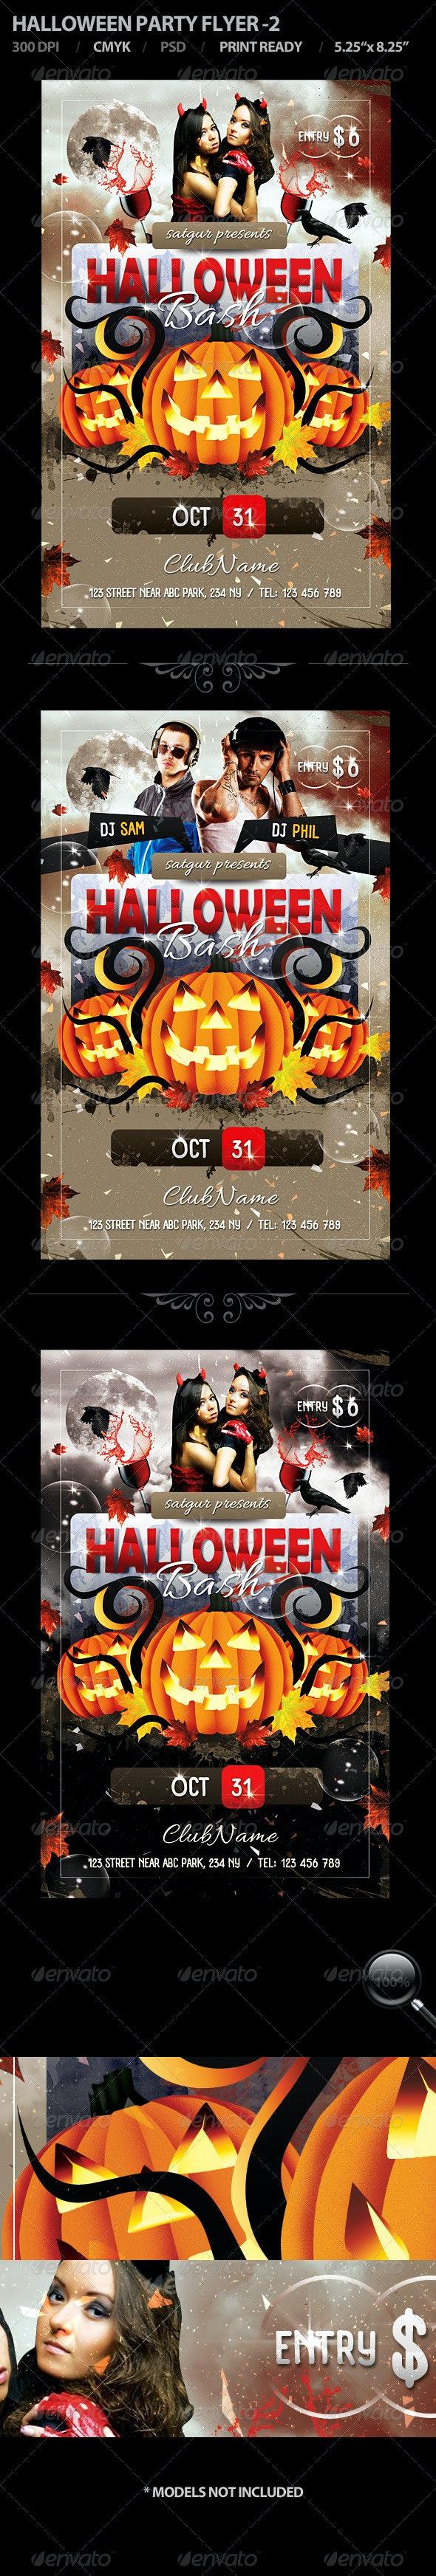 Halloween Party Flyer - 2 - Flyers Print Templates